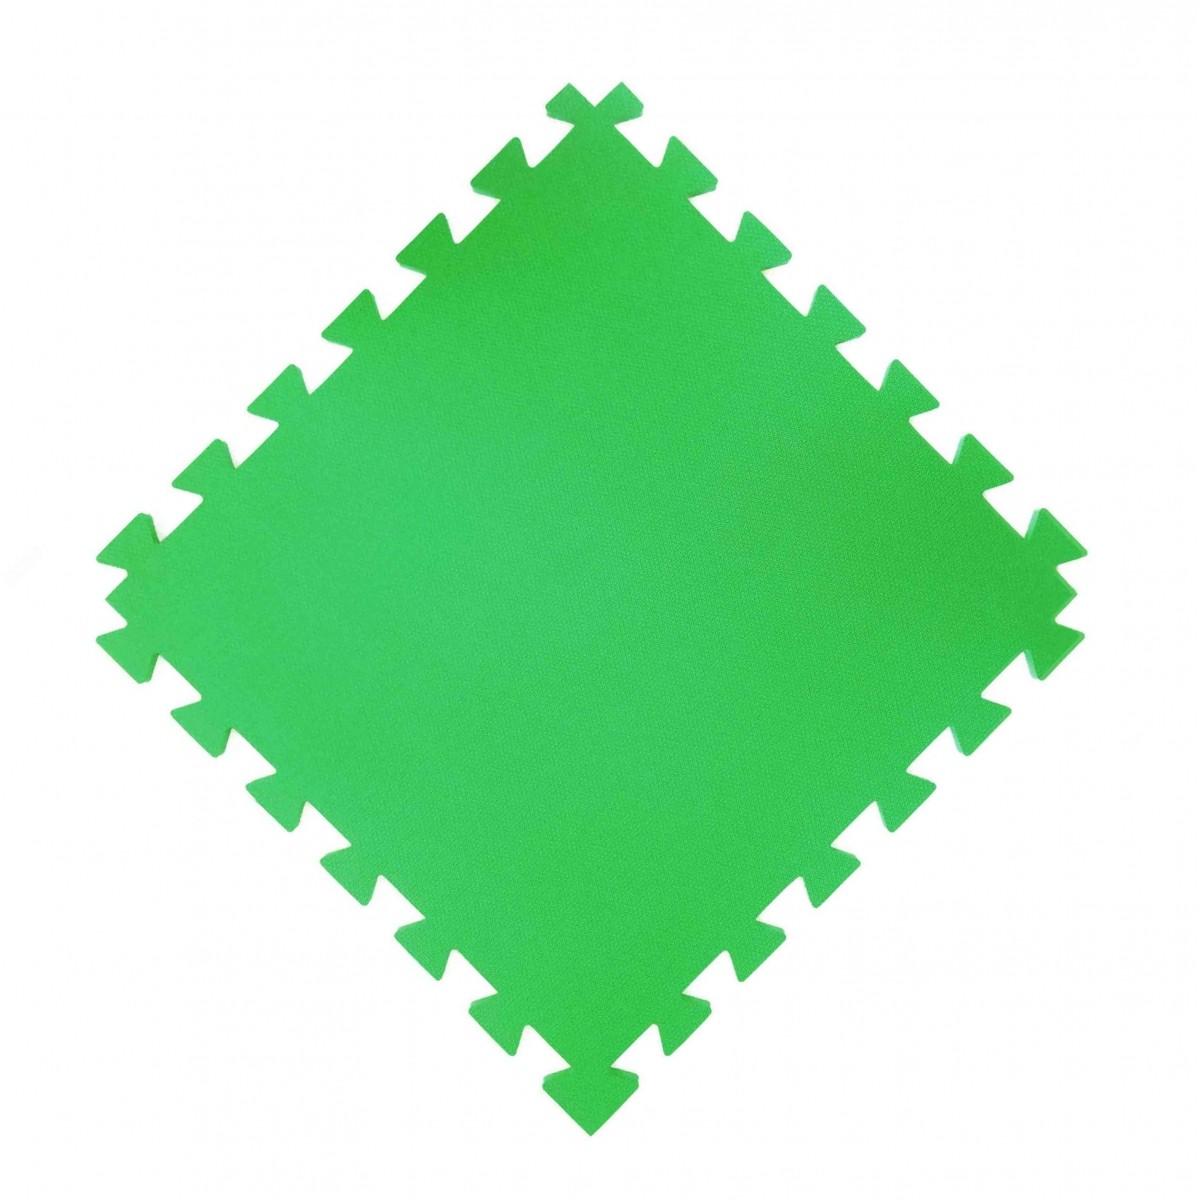 Tatame  100x100cm Com 20mm de Espessura    Verde  - Brindes Visão loja